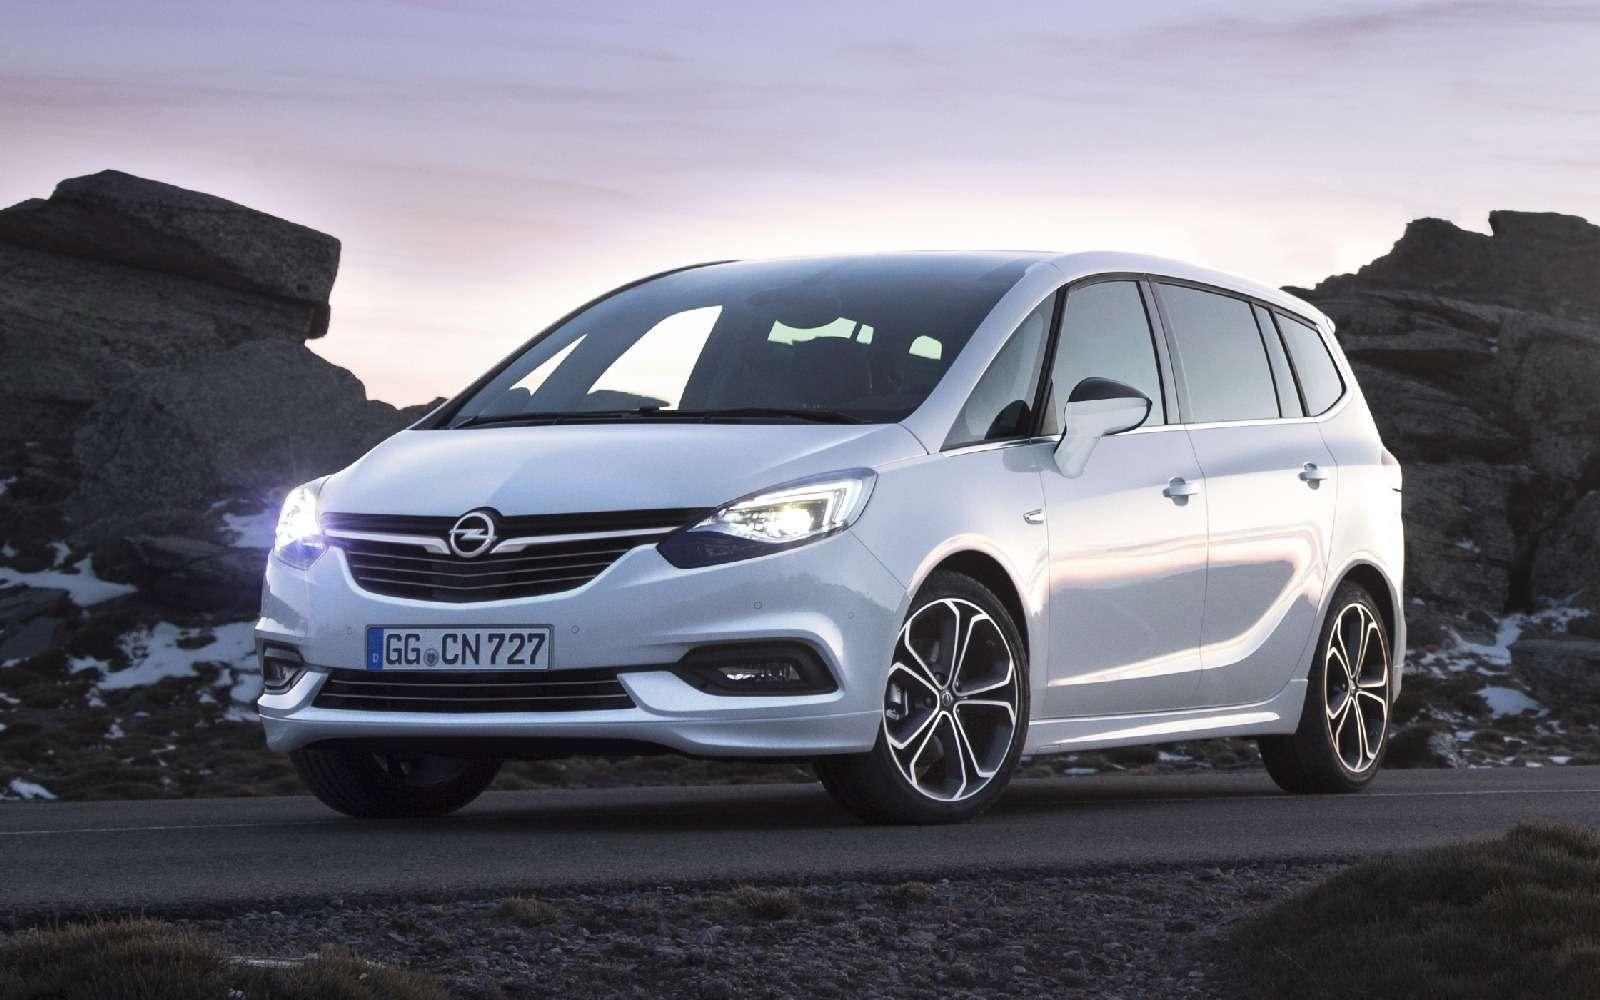 Обновленный компактвэн Opel Zafira представлен официально— фото 593690